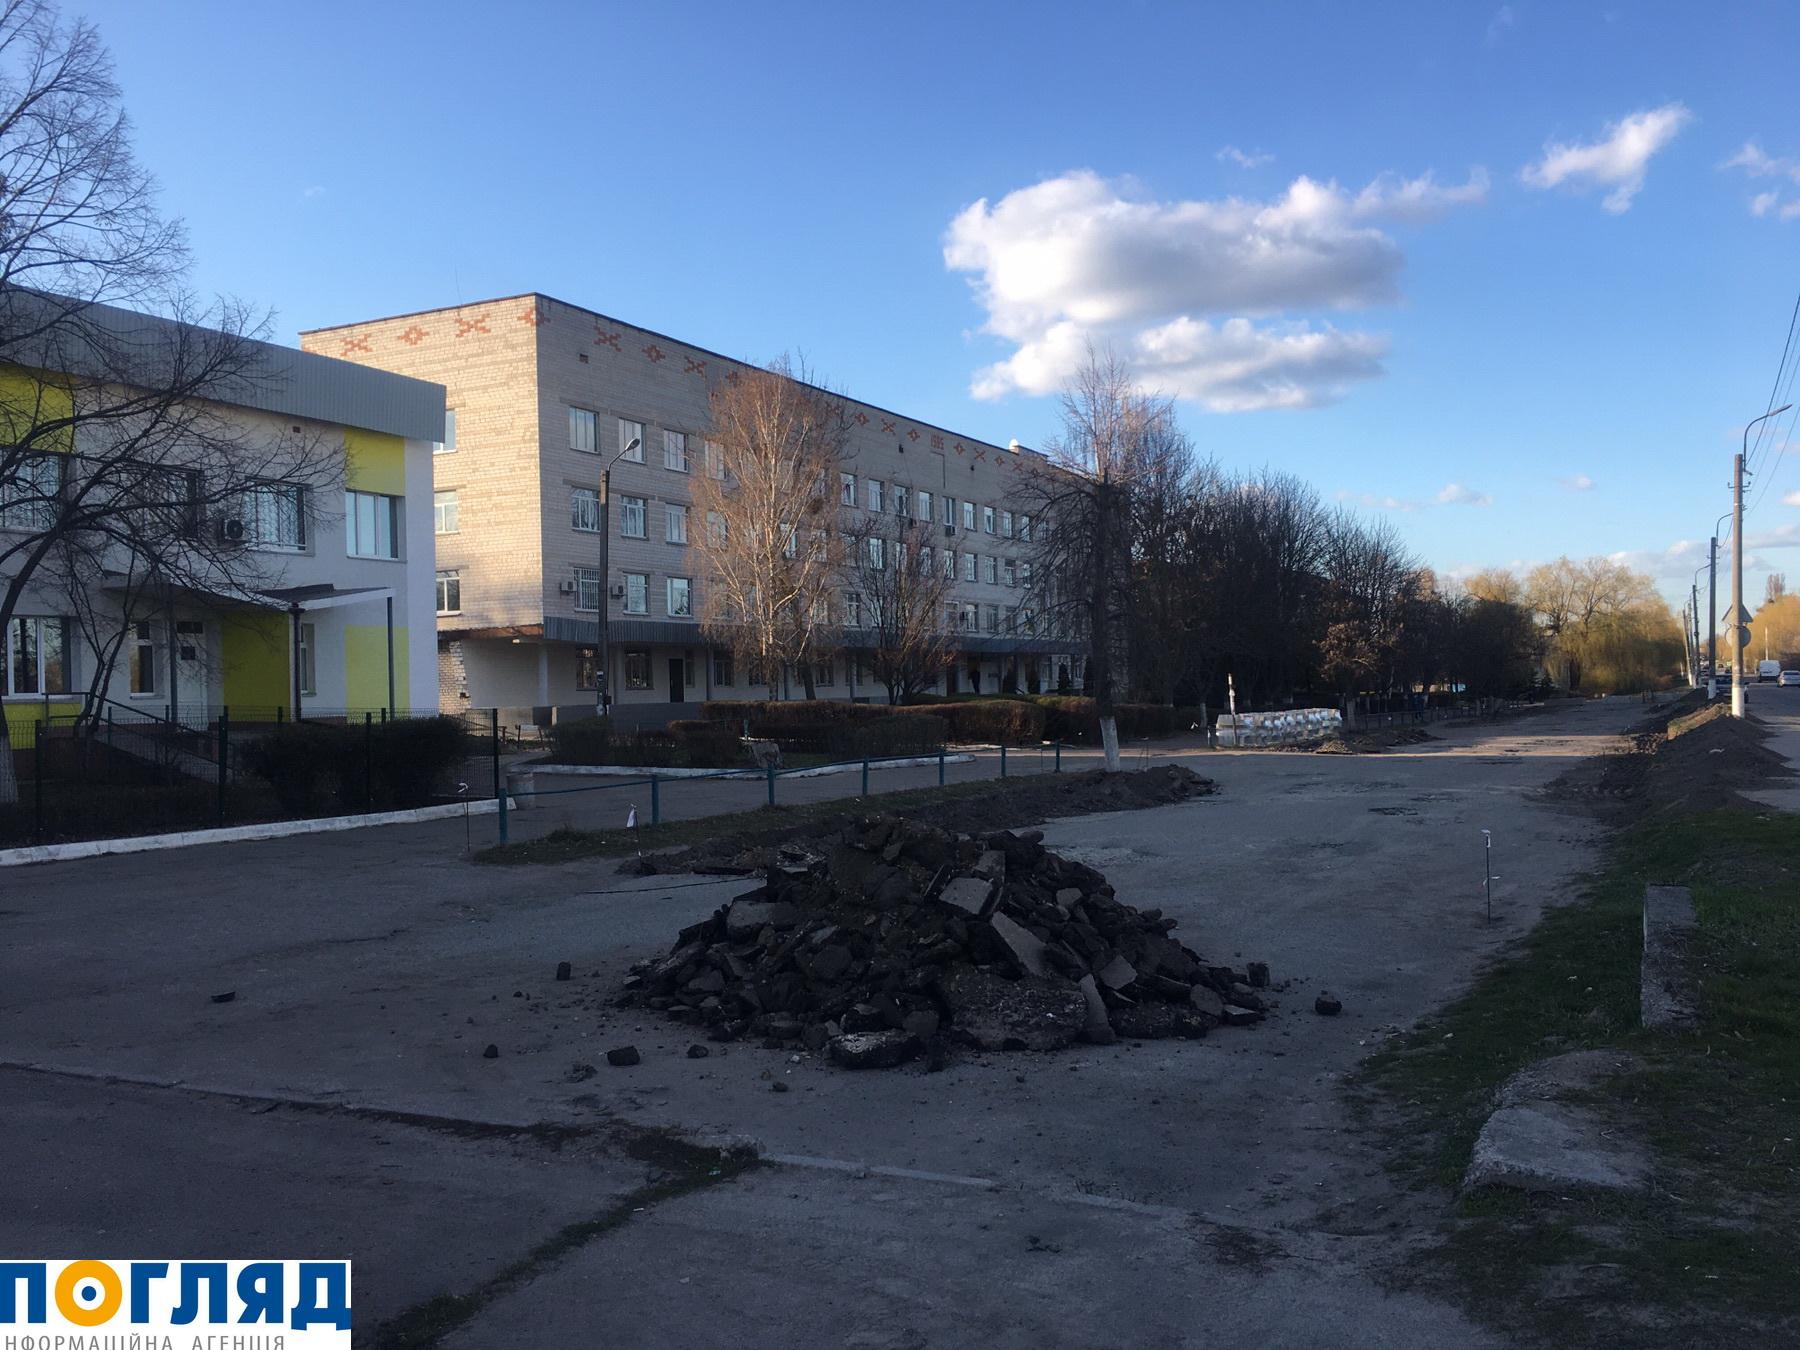 Замість вибоїн – парковка біля лікарні Василькова - Васильків - zobrazhennya viber 2020 03 31 18 12 06